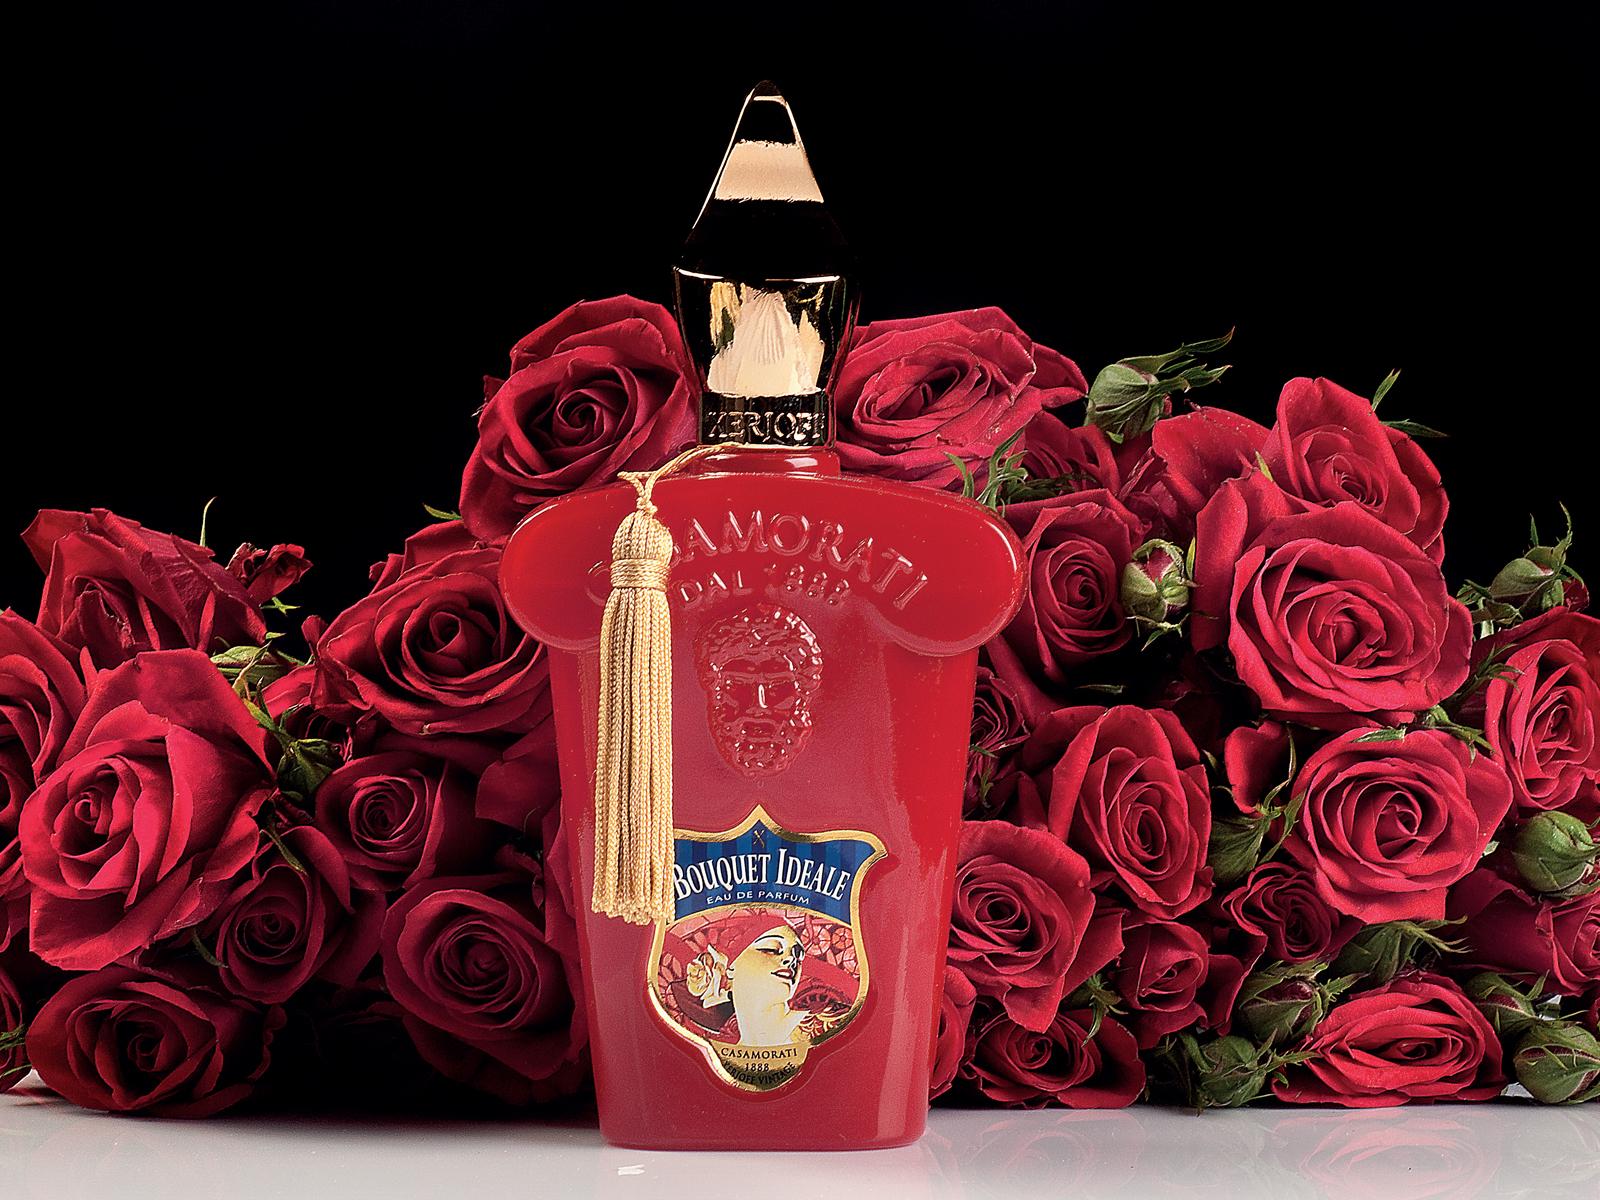 Парфюм дня - Bouquet Ideale Xerjoff